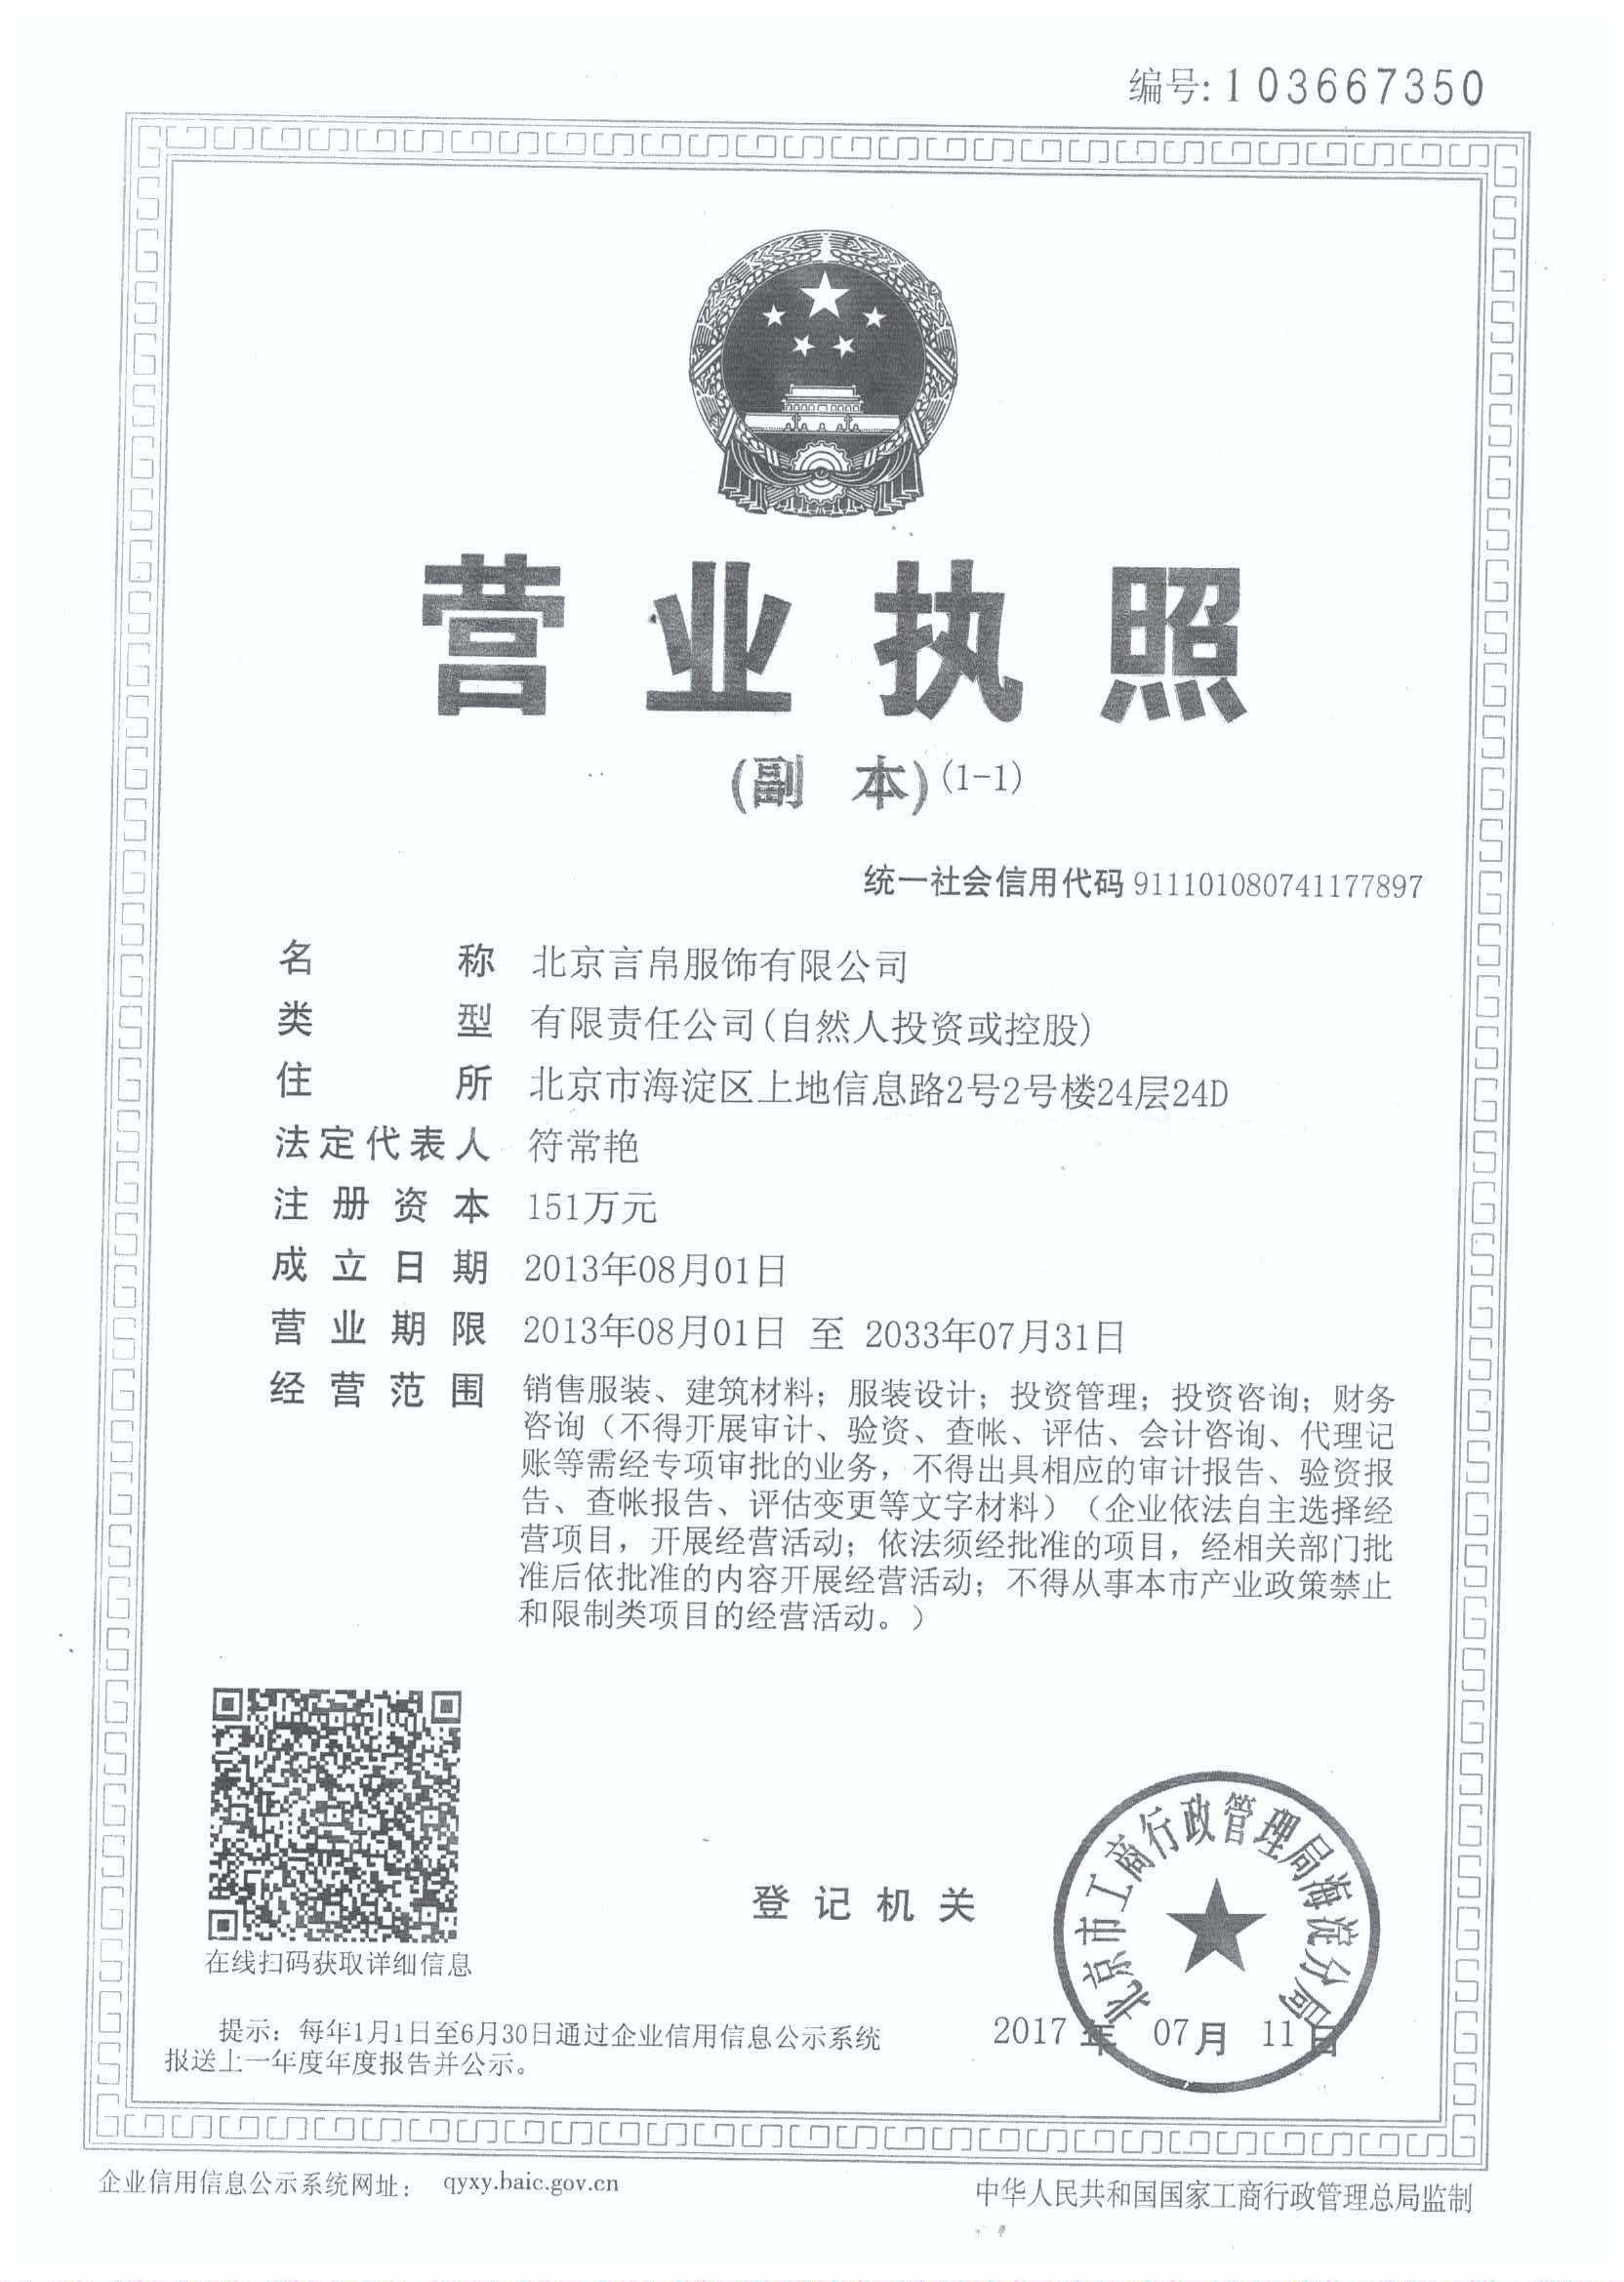 北京言帛服饰有限公司企业档案